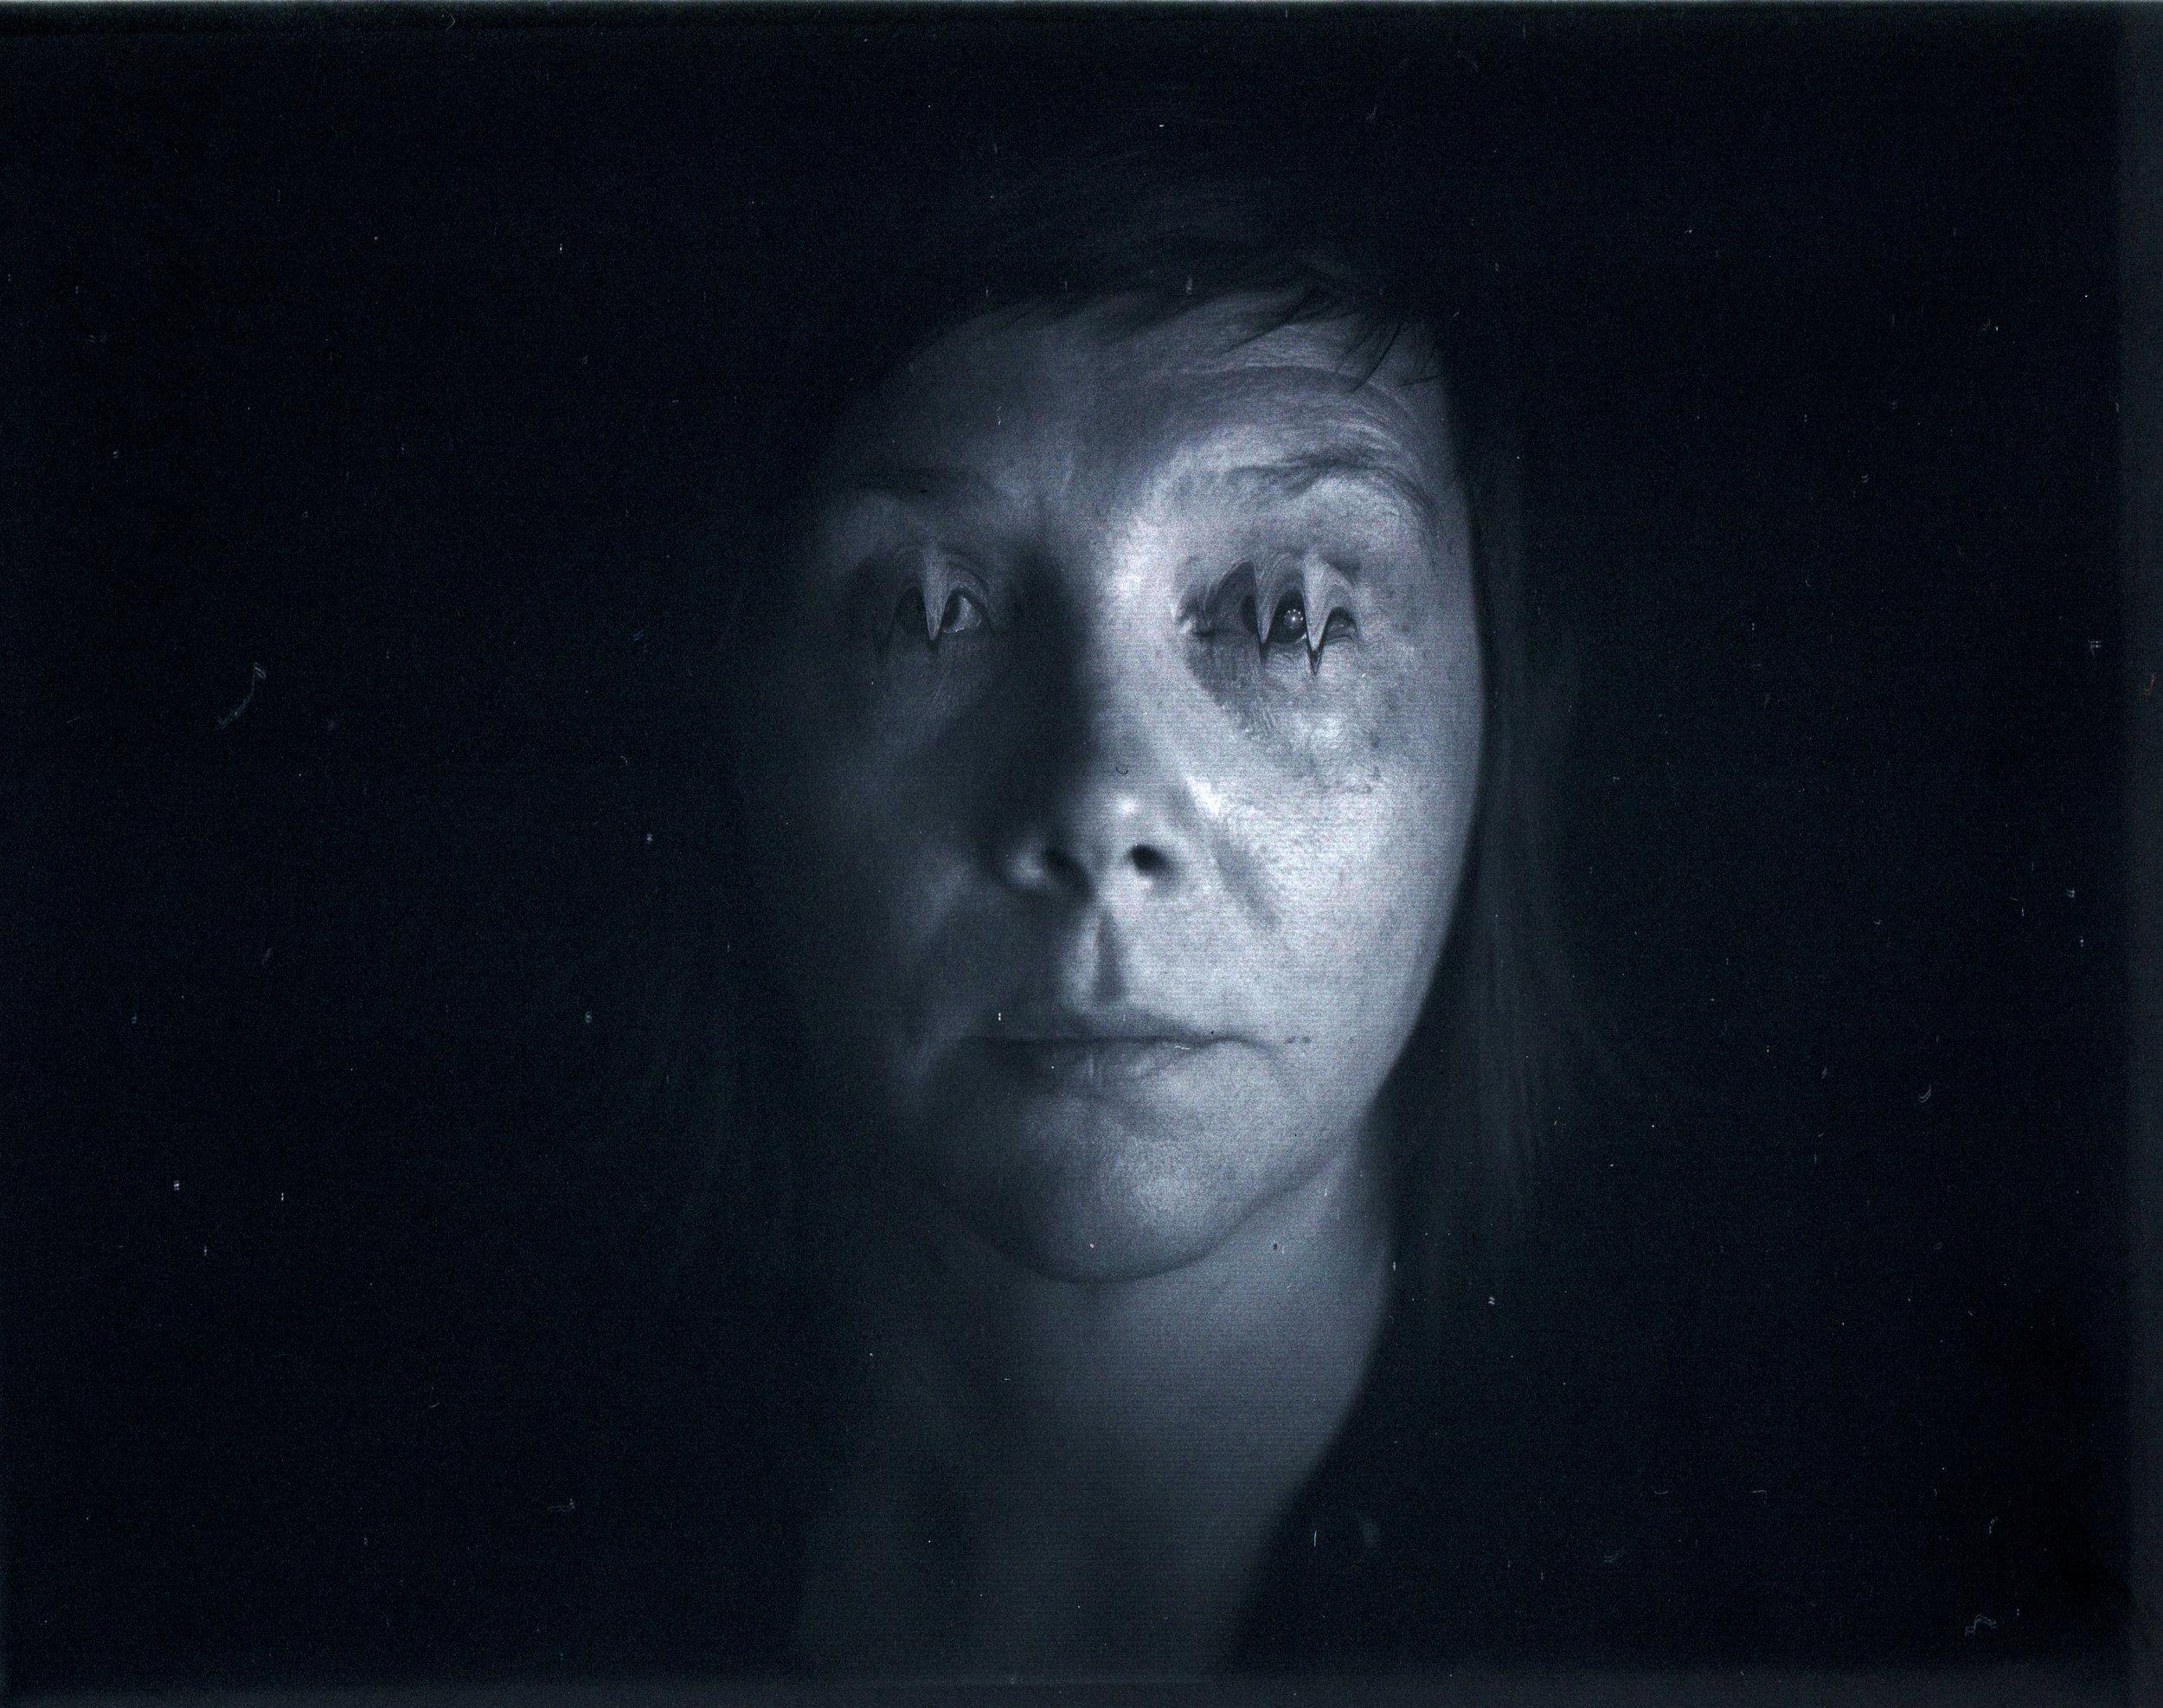 Erin Harper Vernon, Studio test for Scanera with slow blinking - Document scanner for 4x5